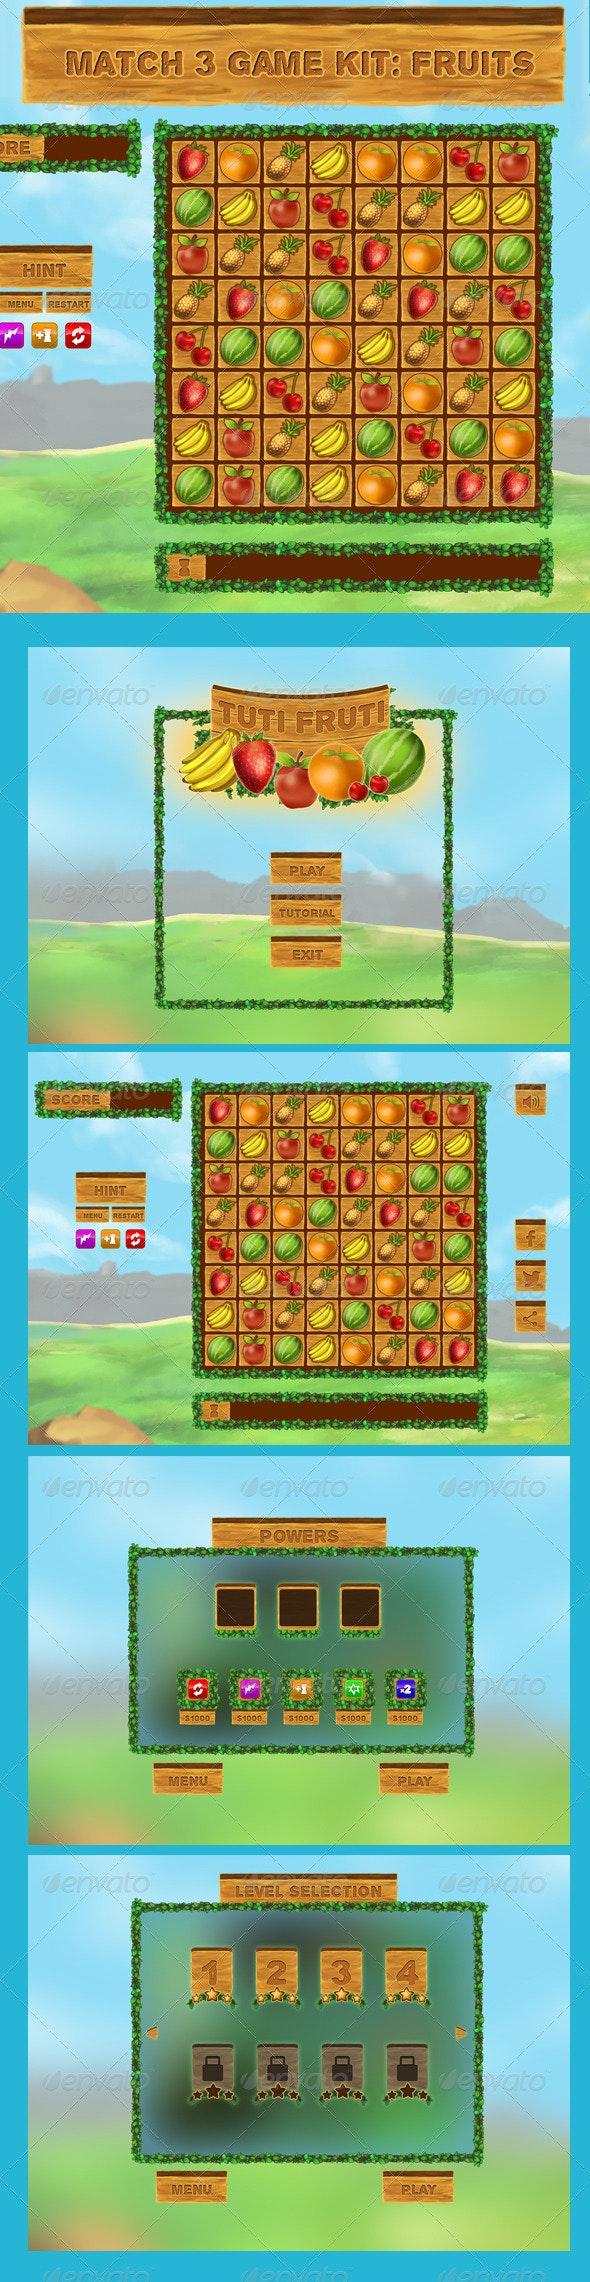 Match 3 Game Kit: Fruits